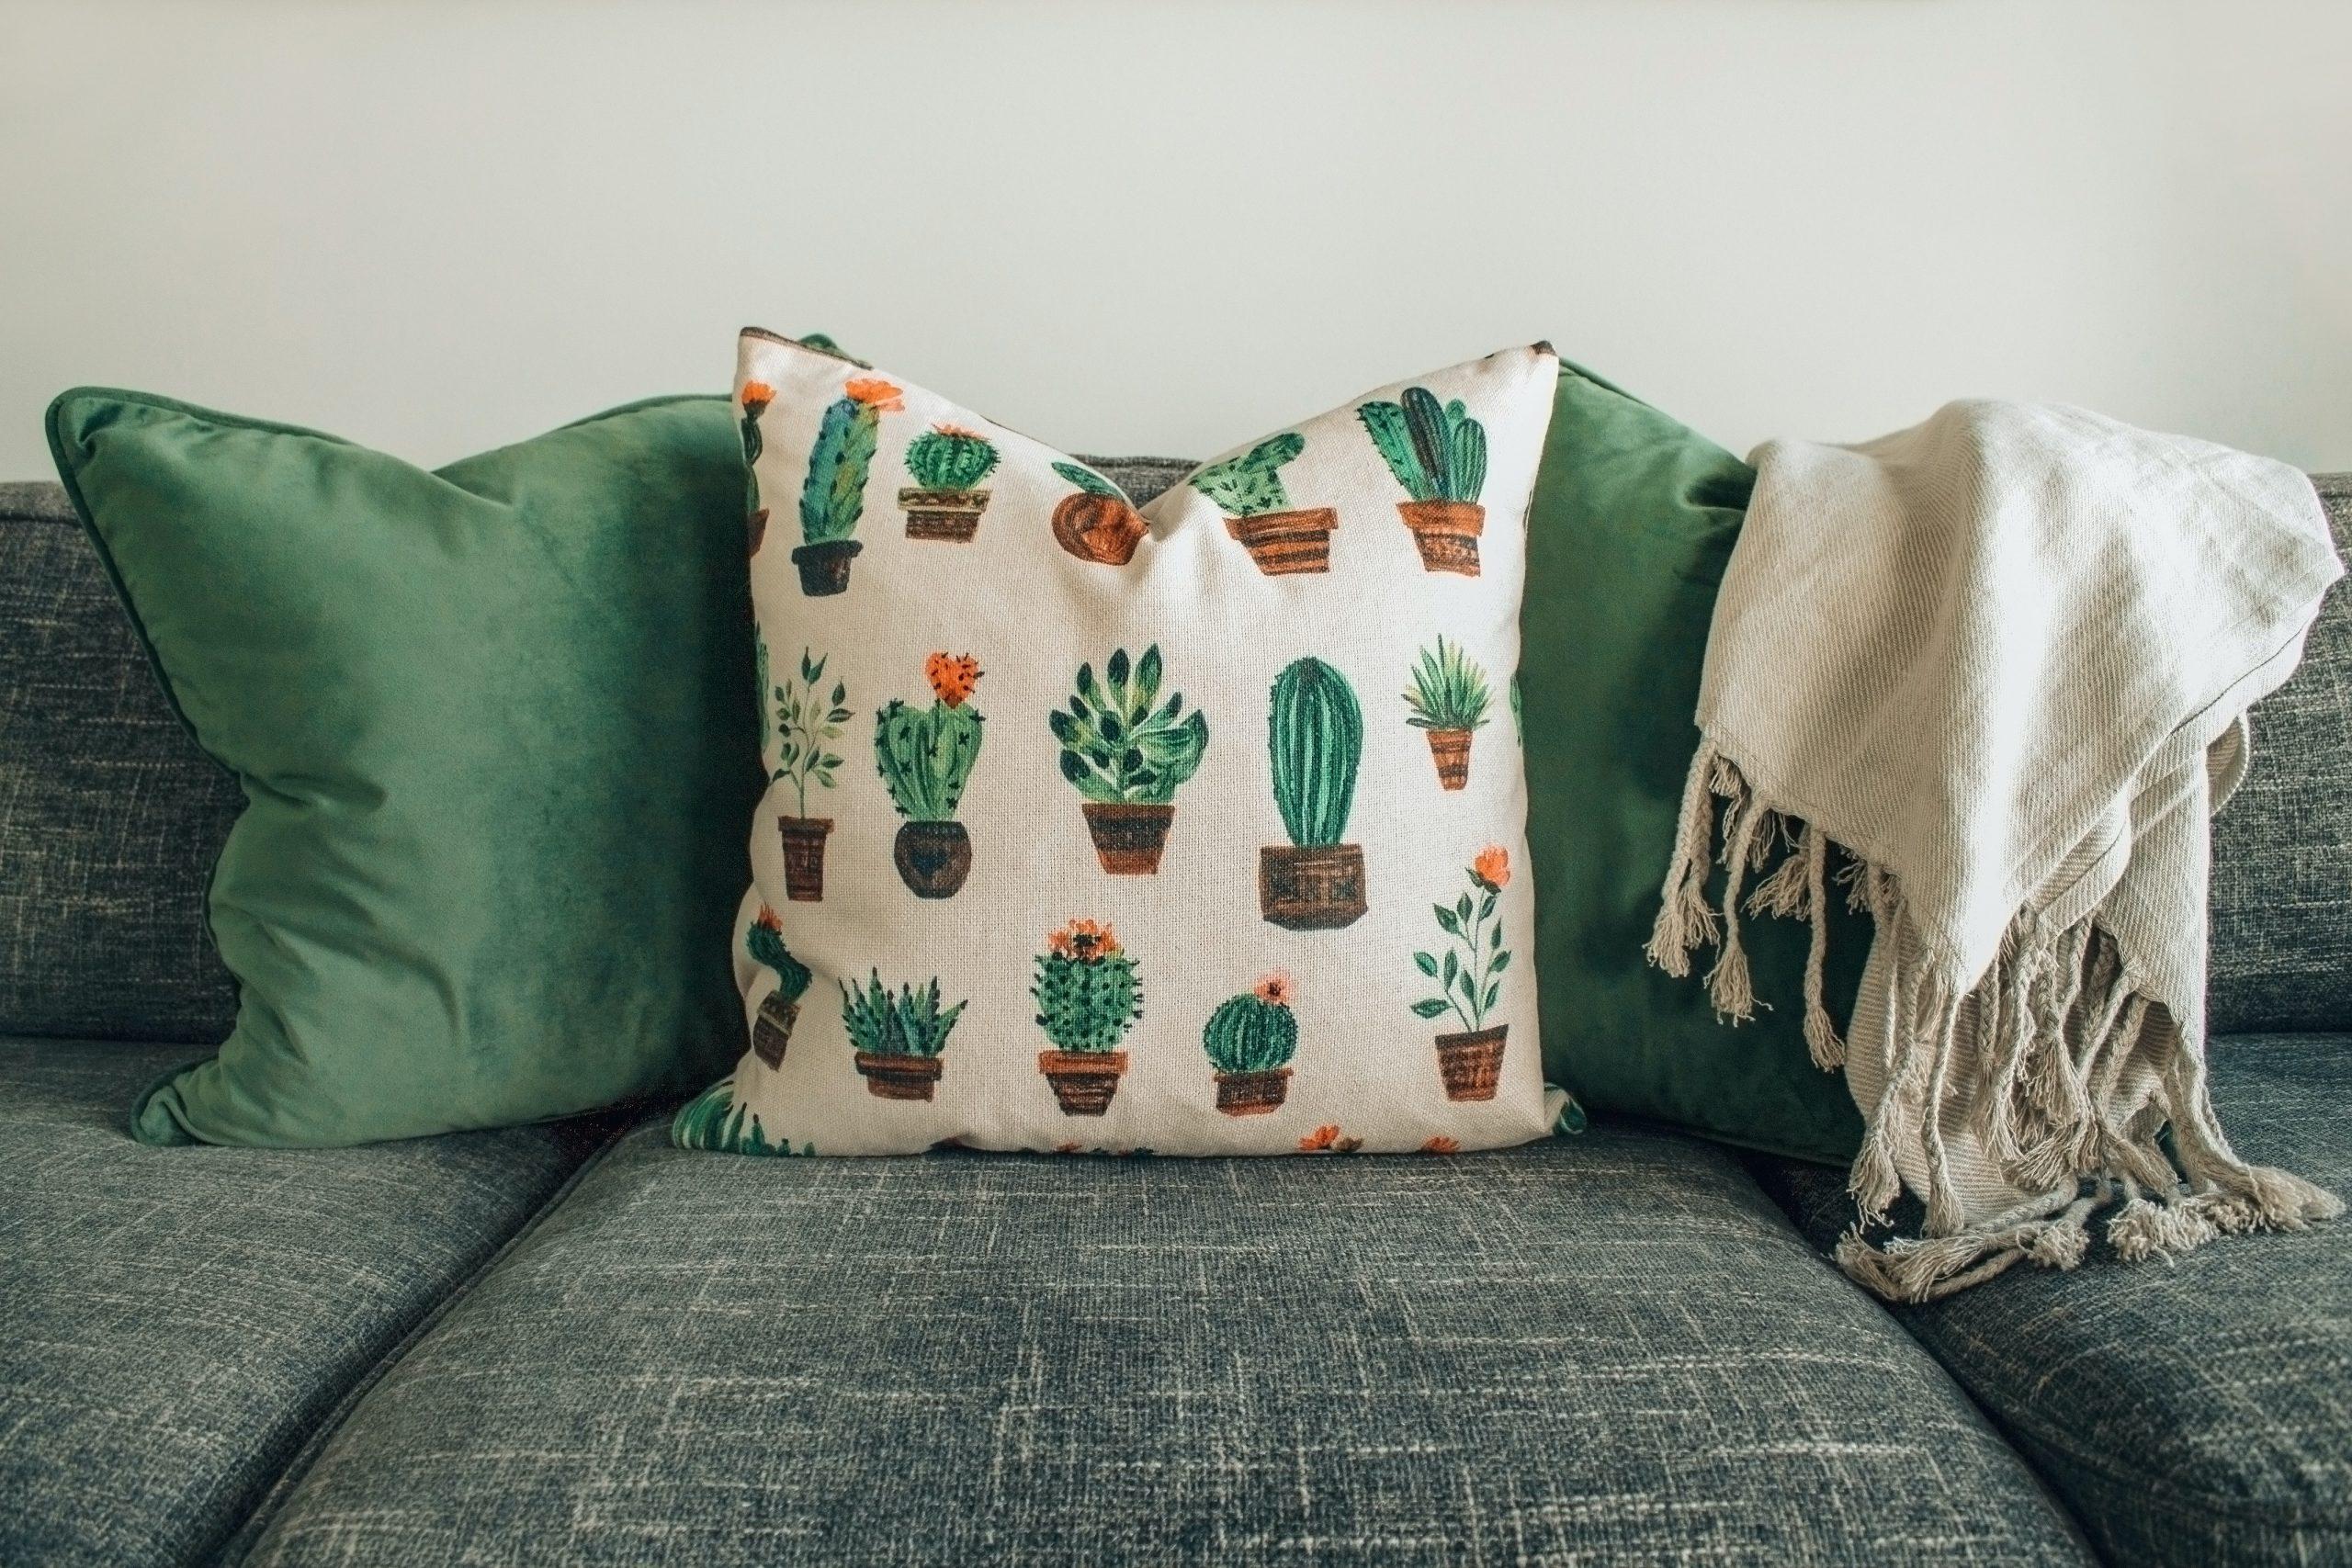 coussins verts et motifs végétaux